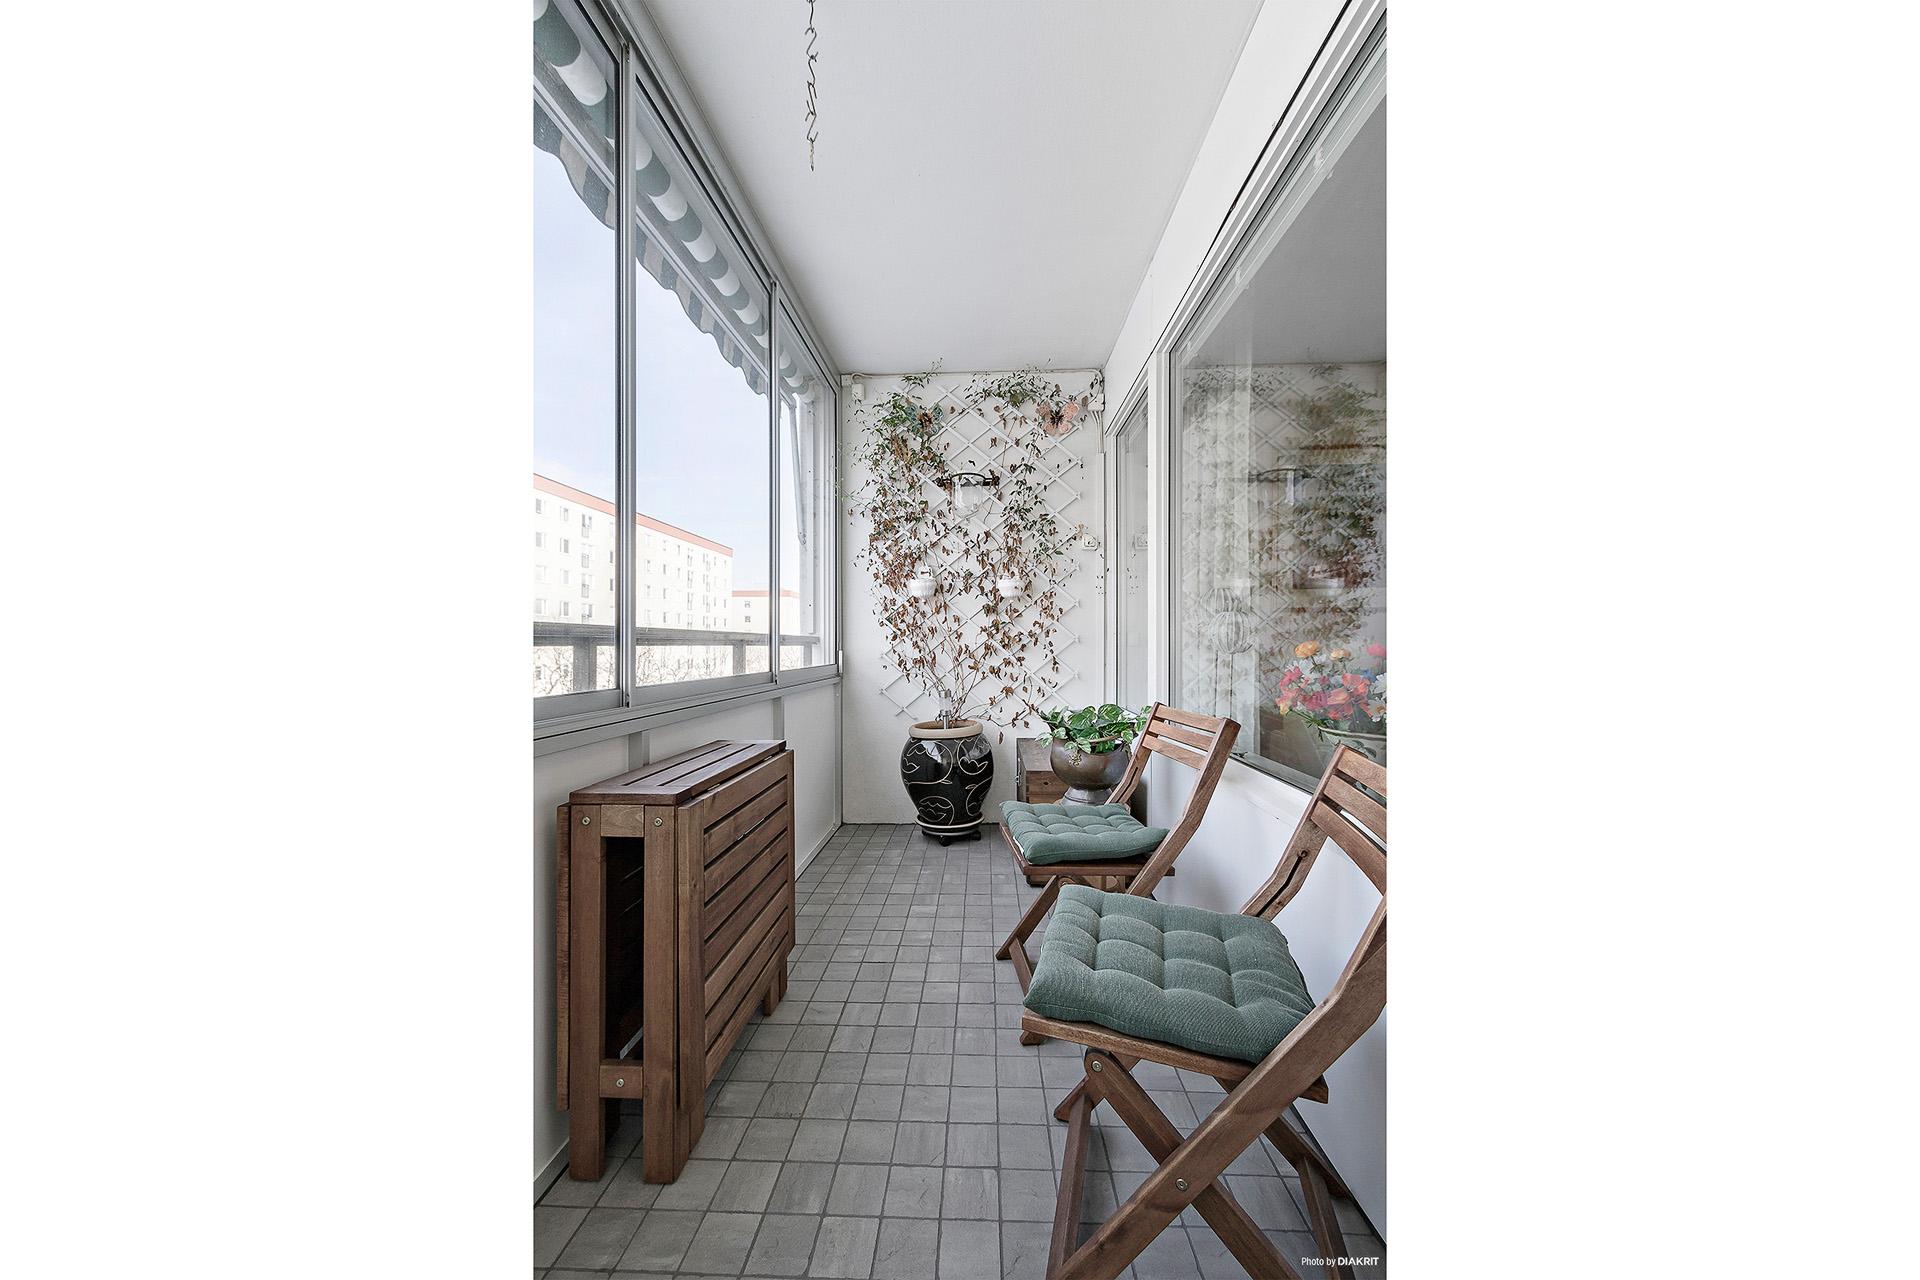 Inglasad balkong (med golvvärme)